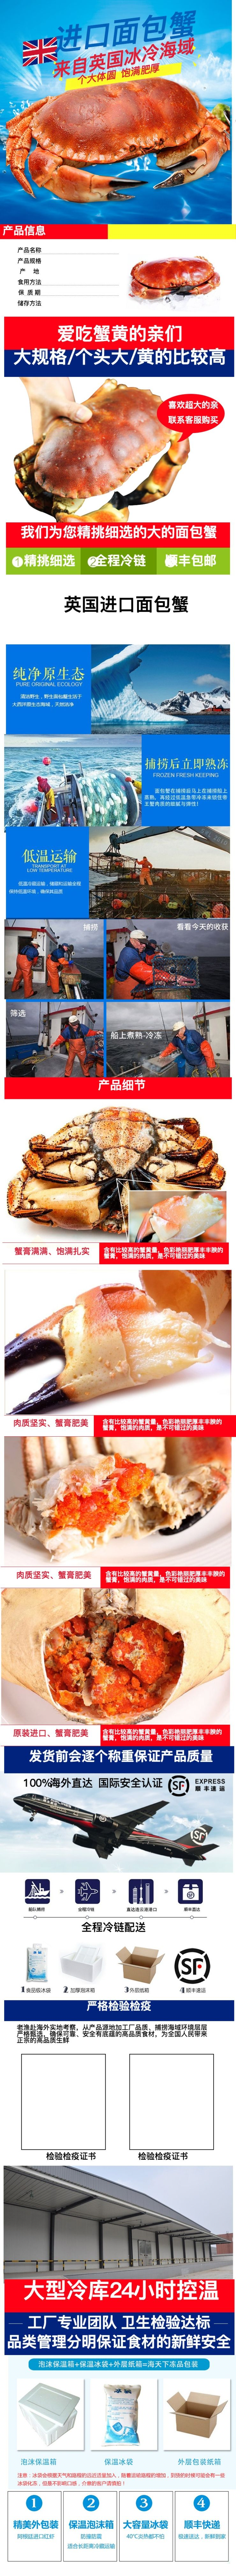 简约扁平进口面包蟹海鲜电商详情图